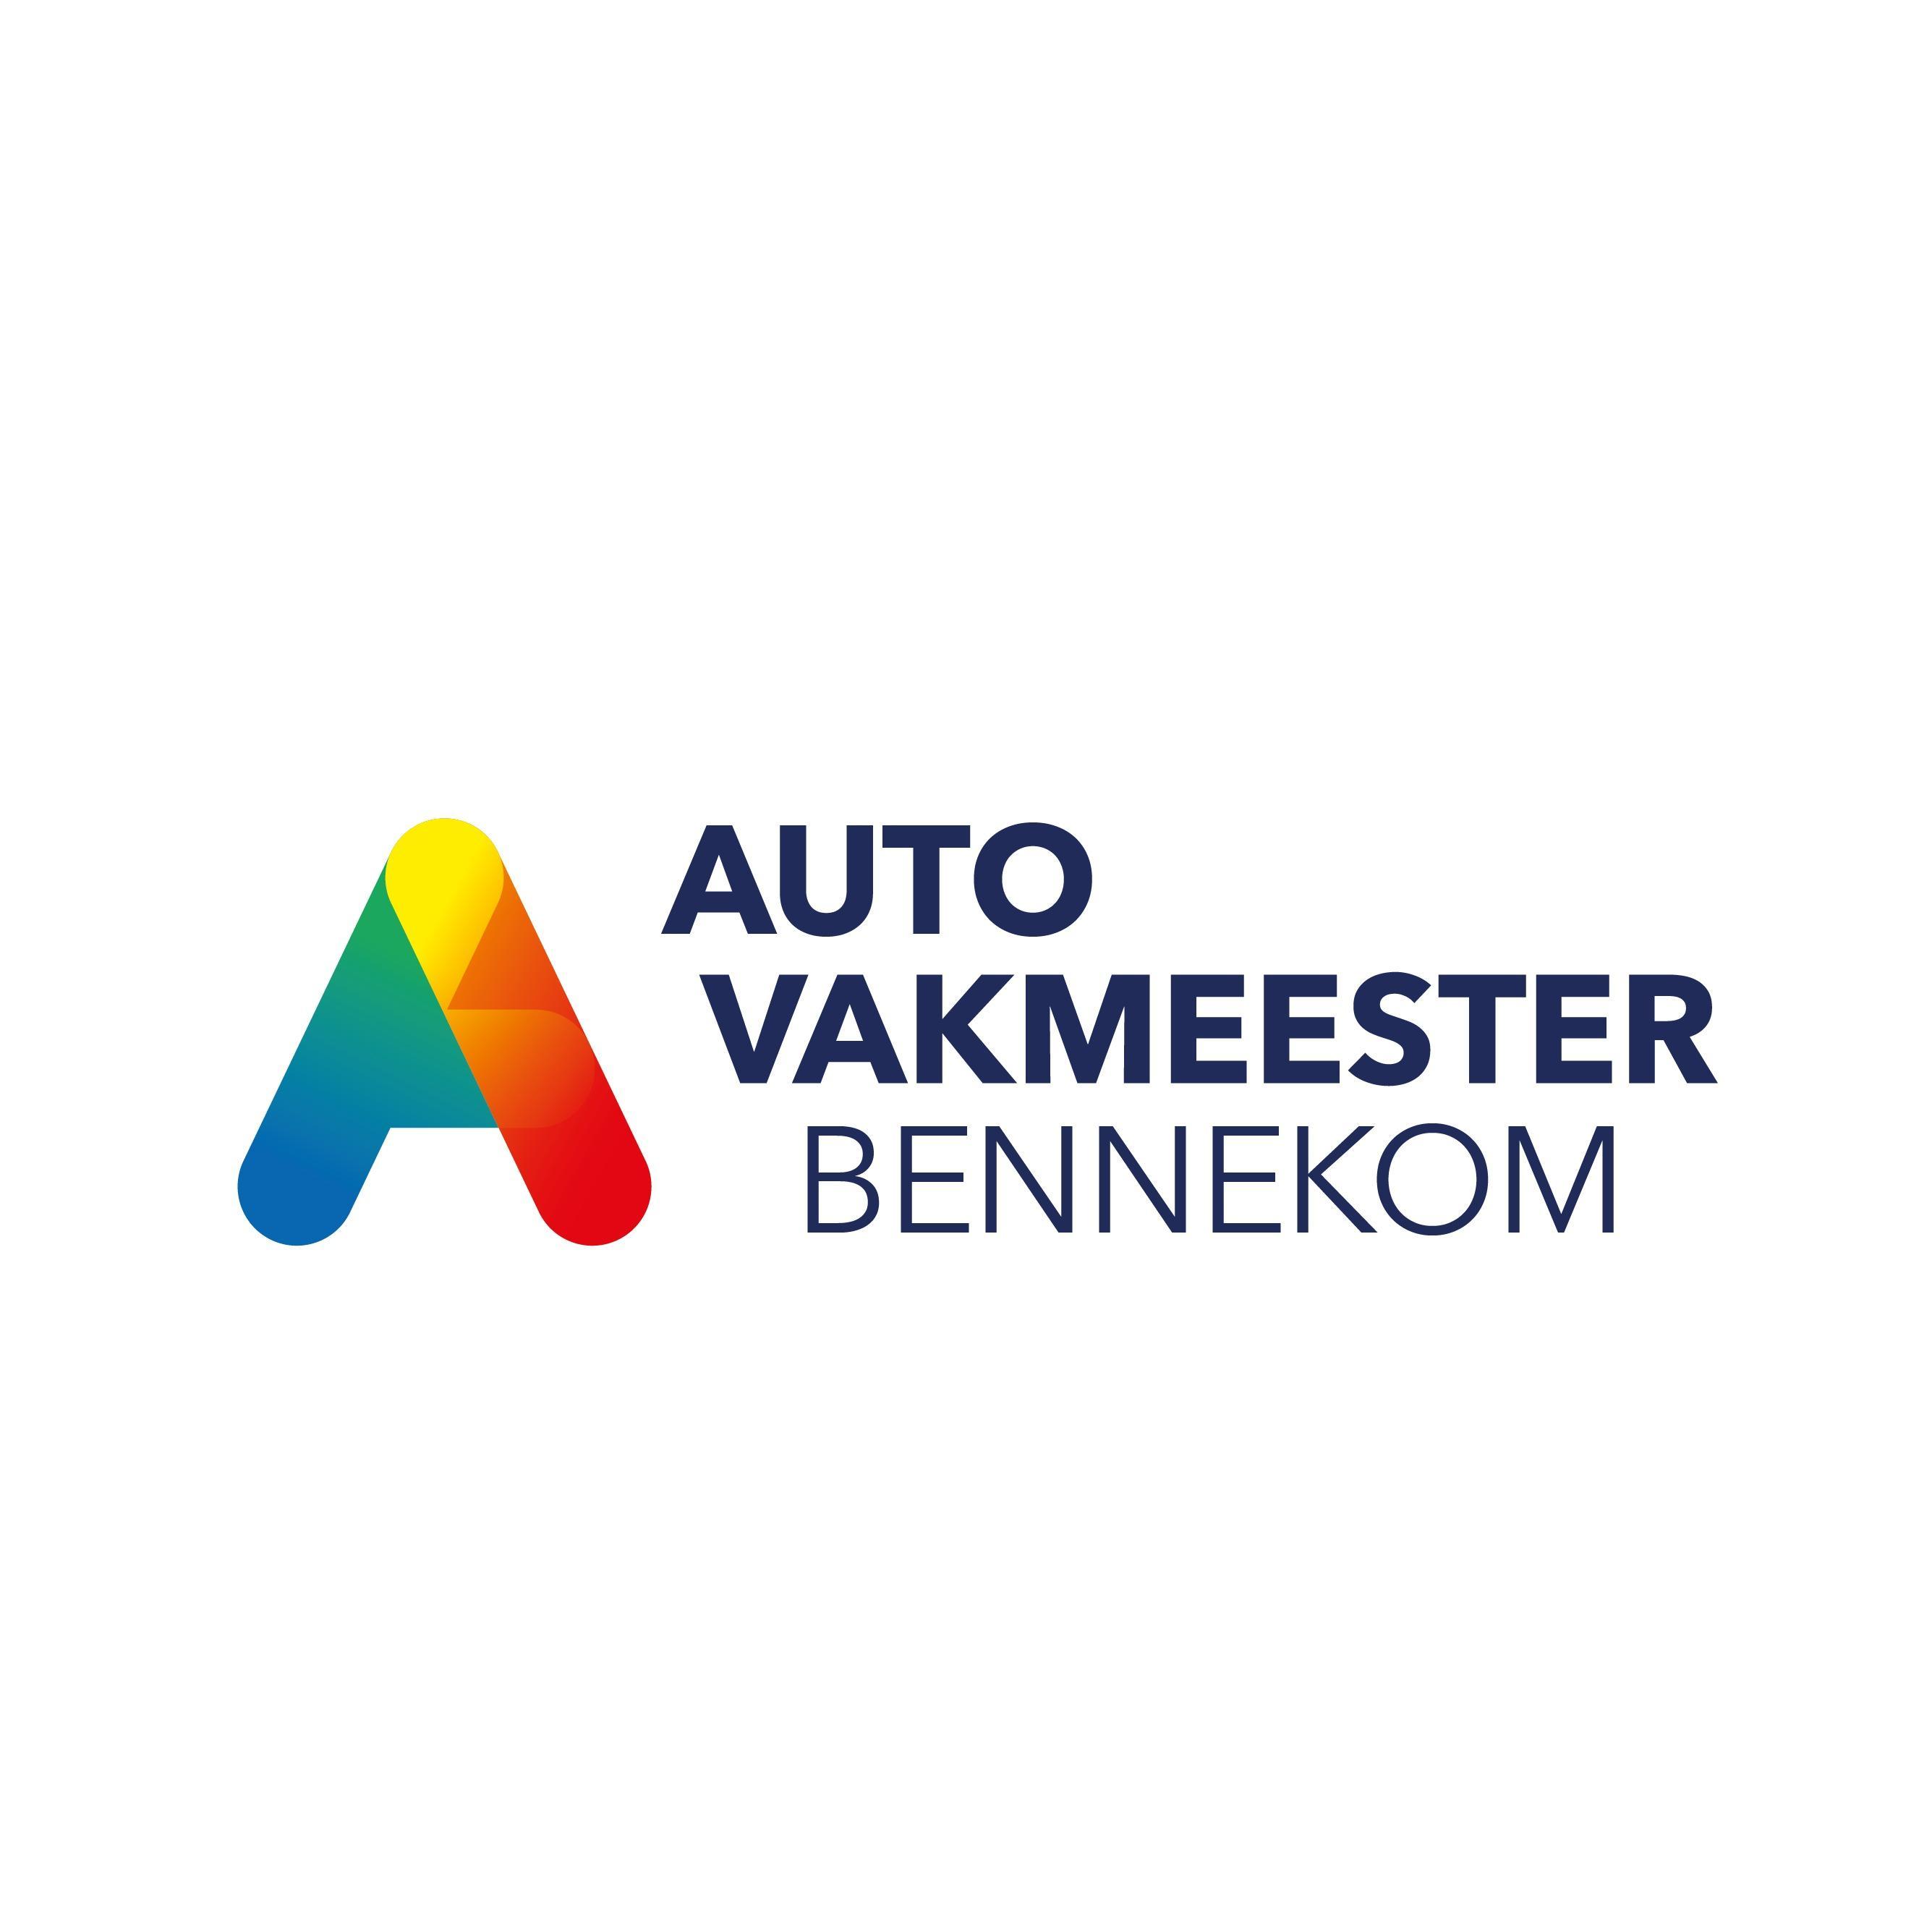 Autovakmeester Bennekom (Ondanks Corona, zijn wij voor u geopend)